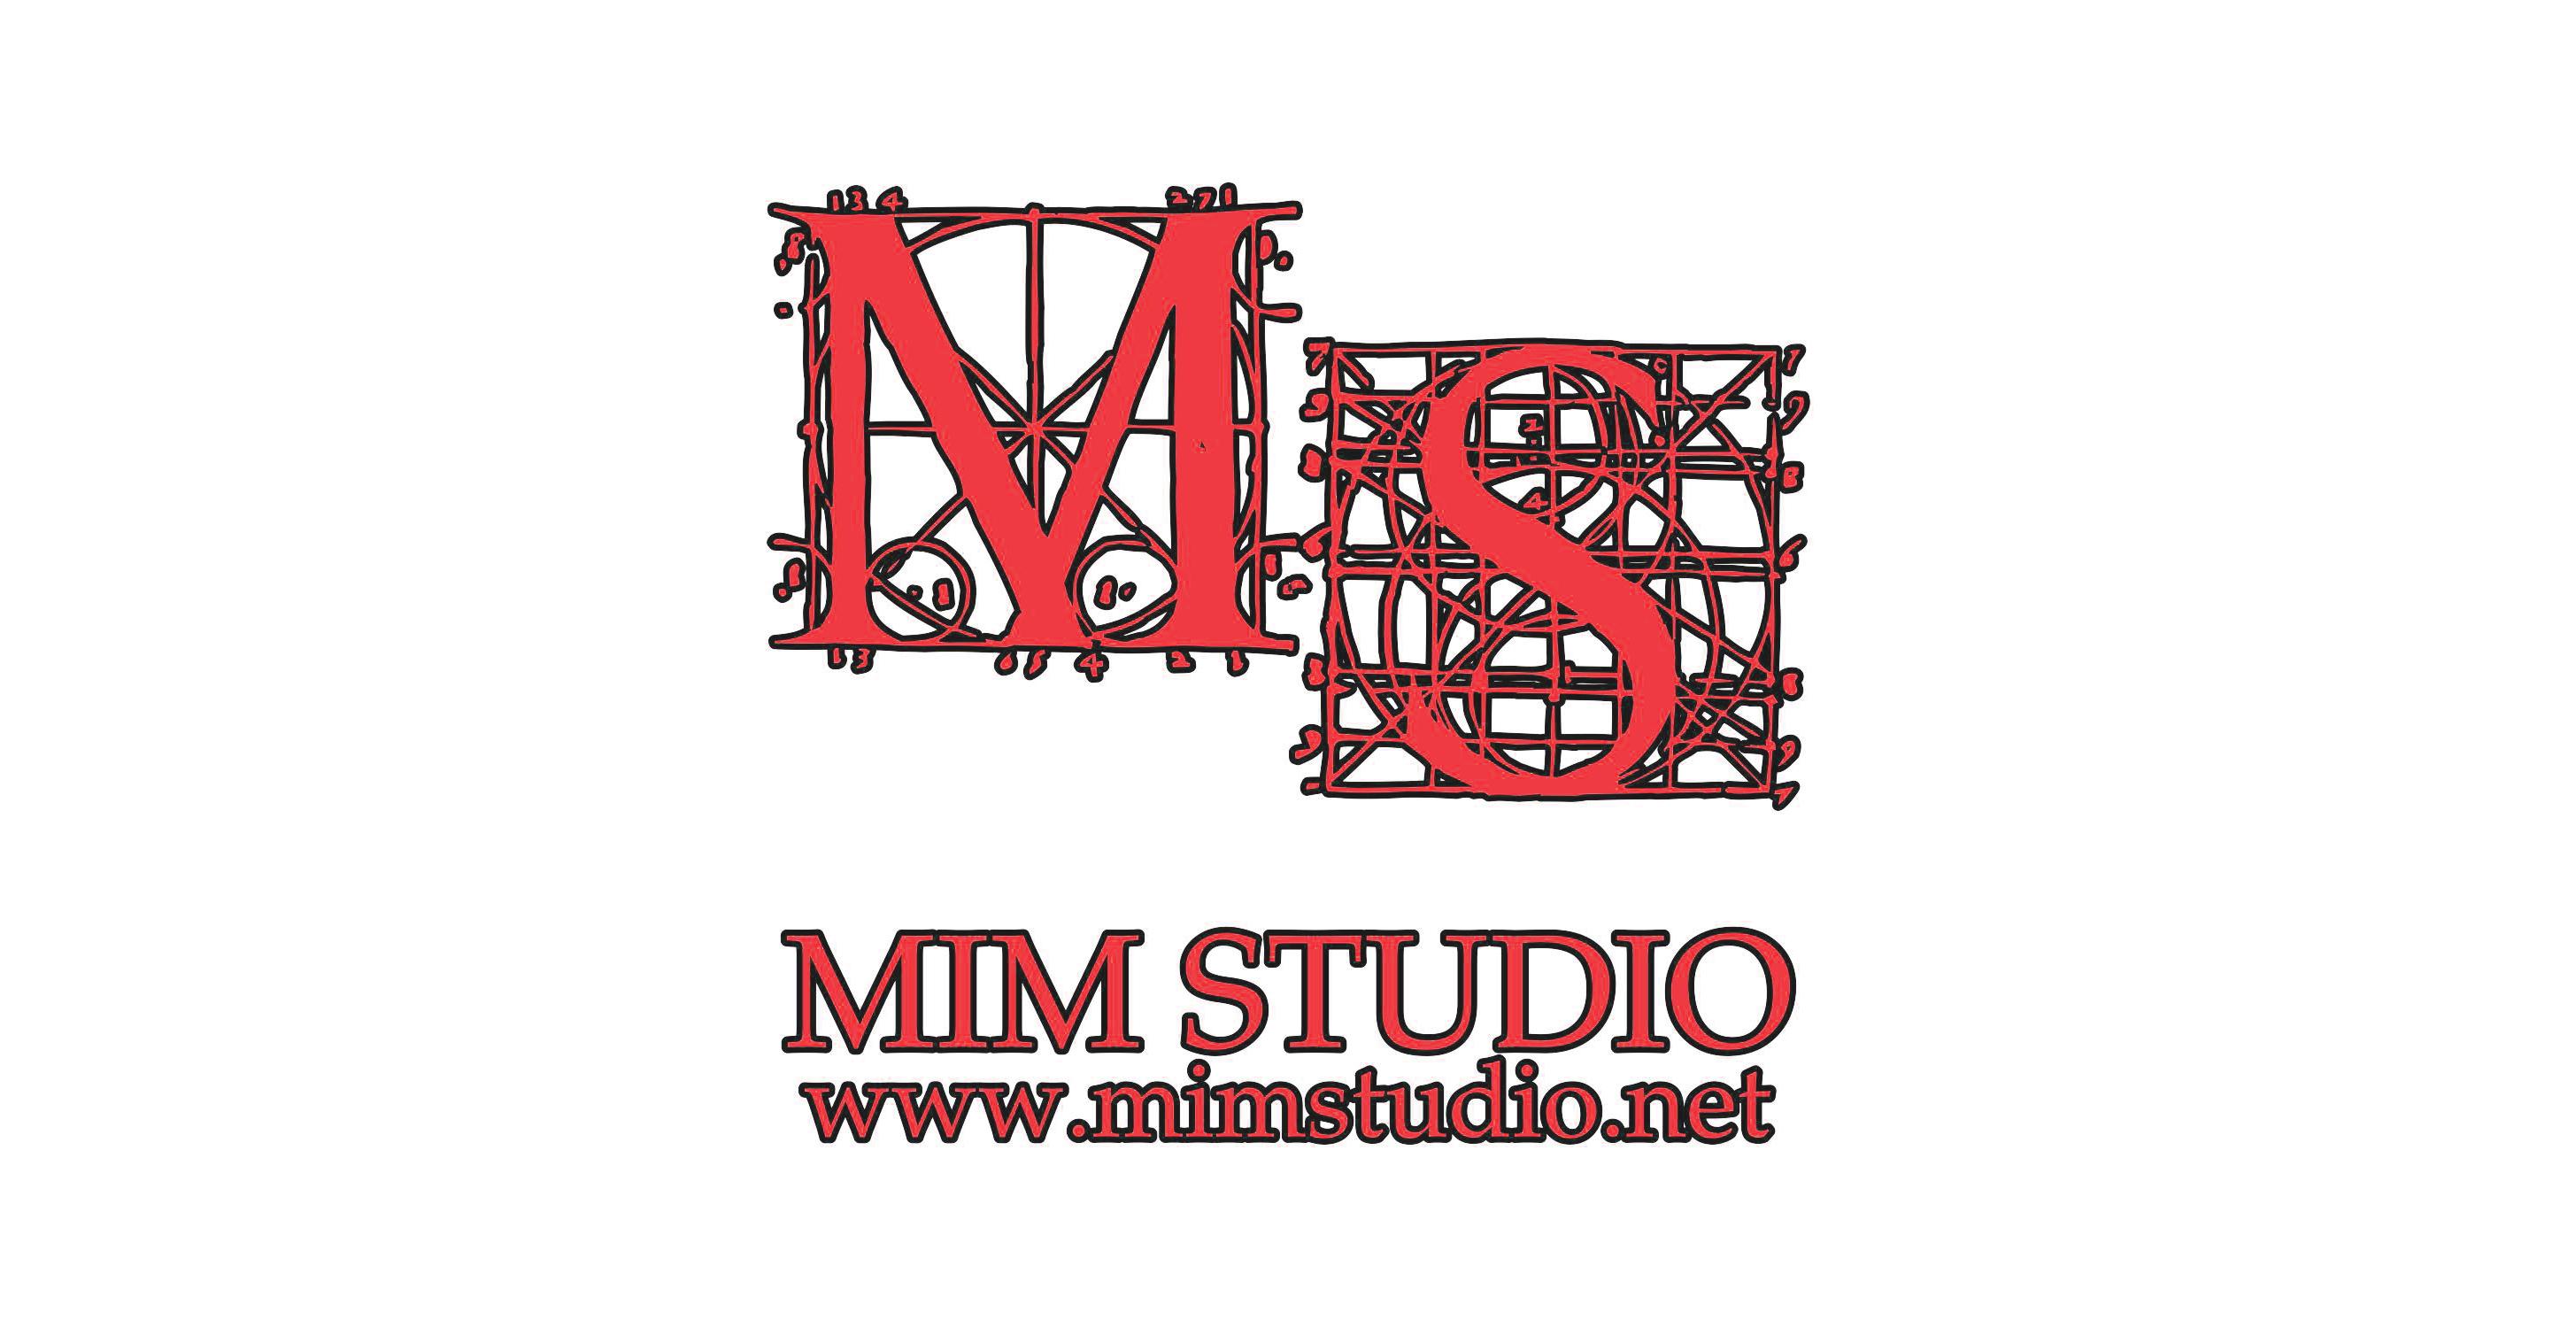 MIM Studio